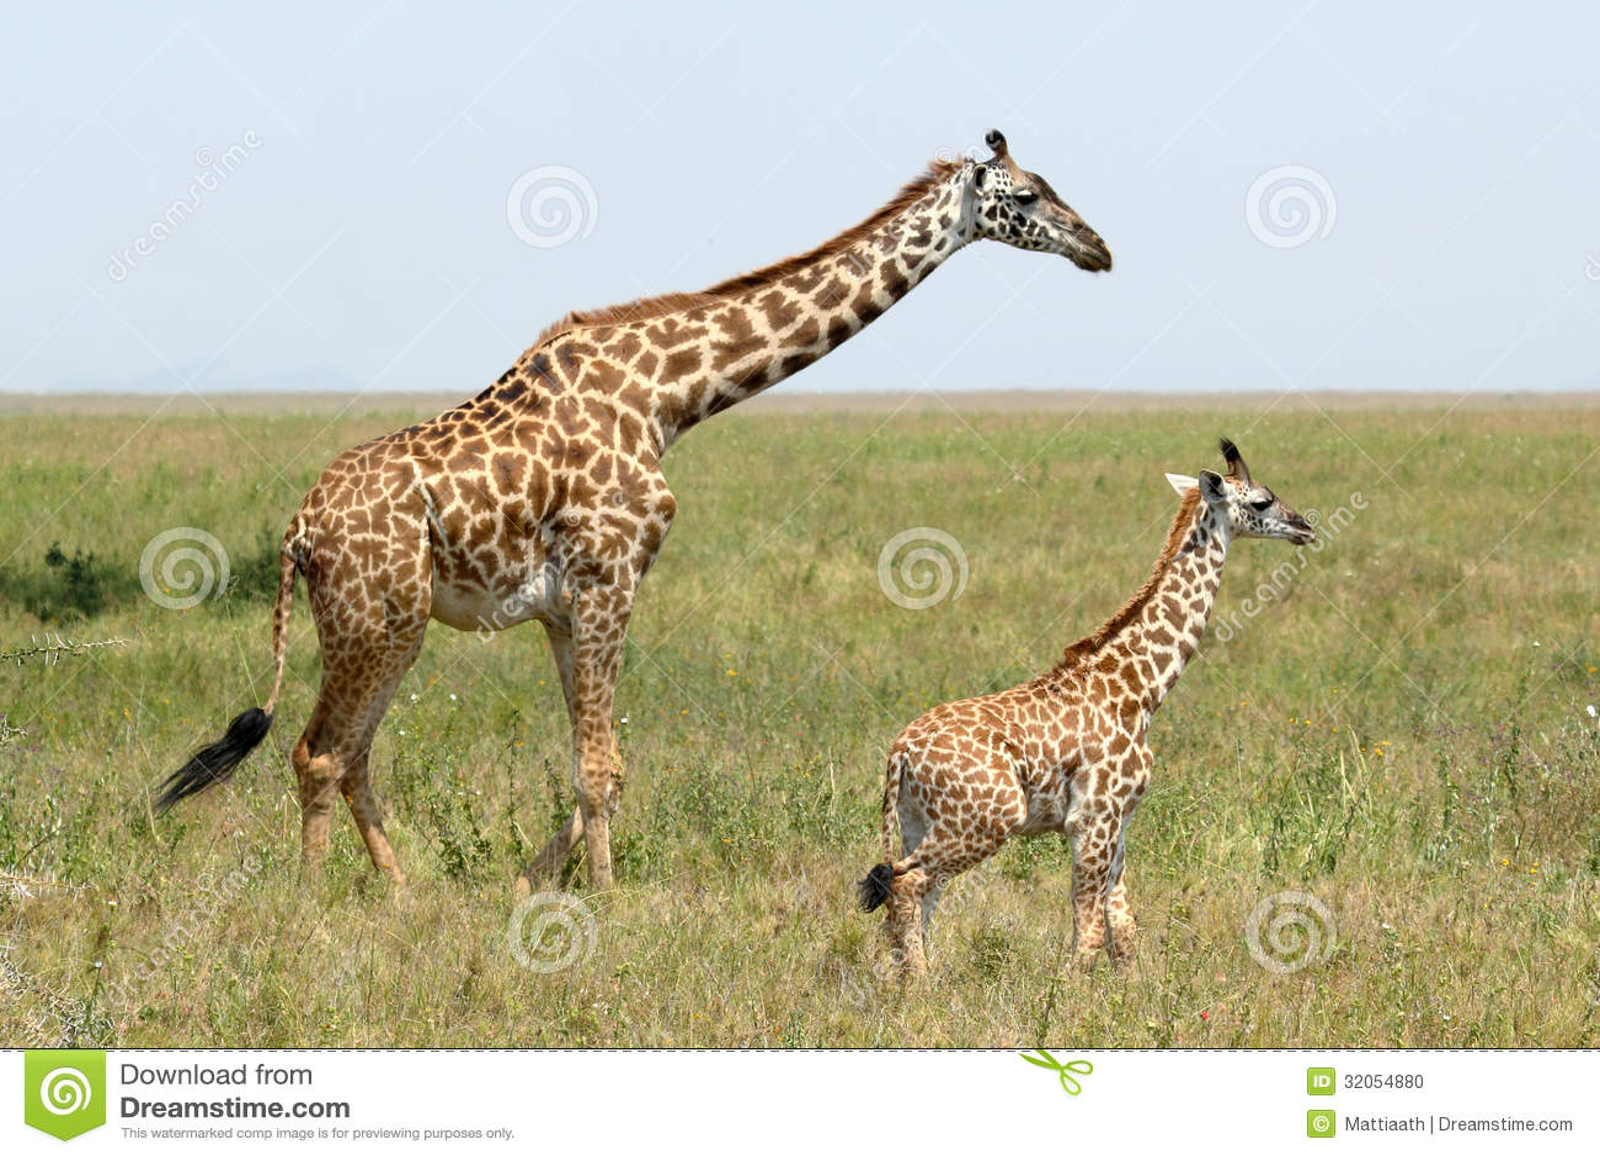 Baby Giraffe And Mother Stock Photo Image Of Giraffe 32054880